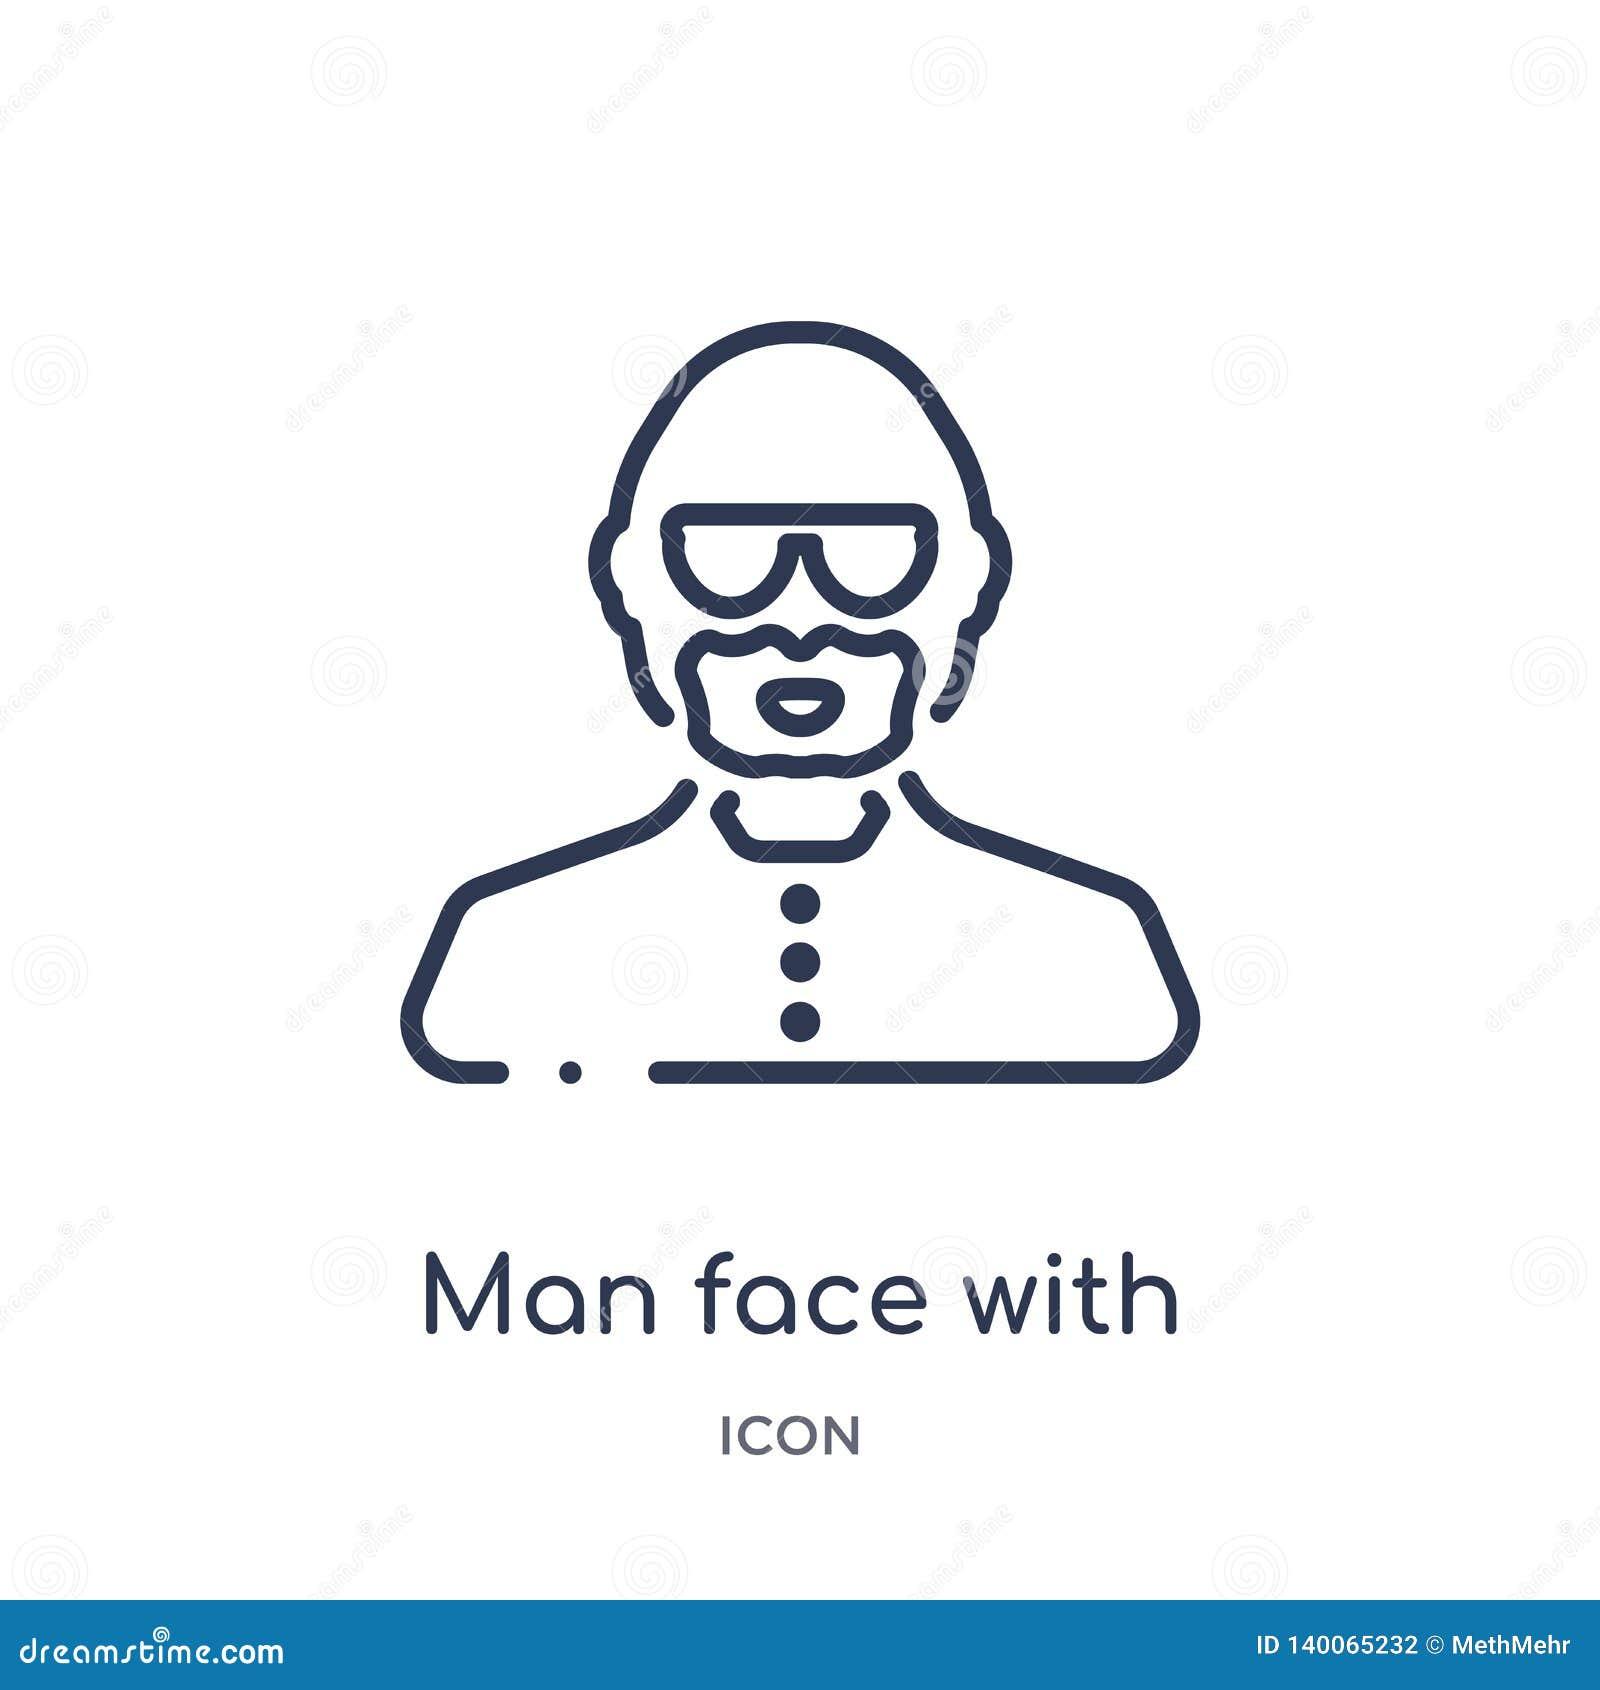 πρόσωπο ατόμων με τα γυαλιά και goatee εικονίδιο από τη συλλογή περιλήψεων ανθρώπων Λεπτό πρόσωπο ατόμων γραμμών με τα γυαλιά και